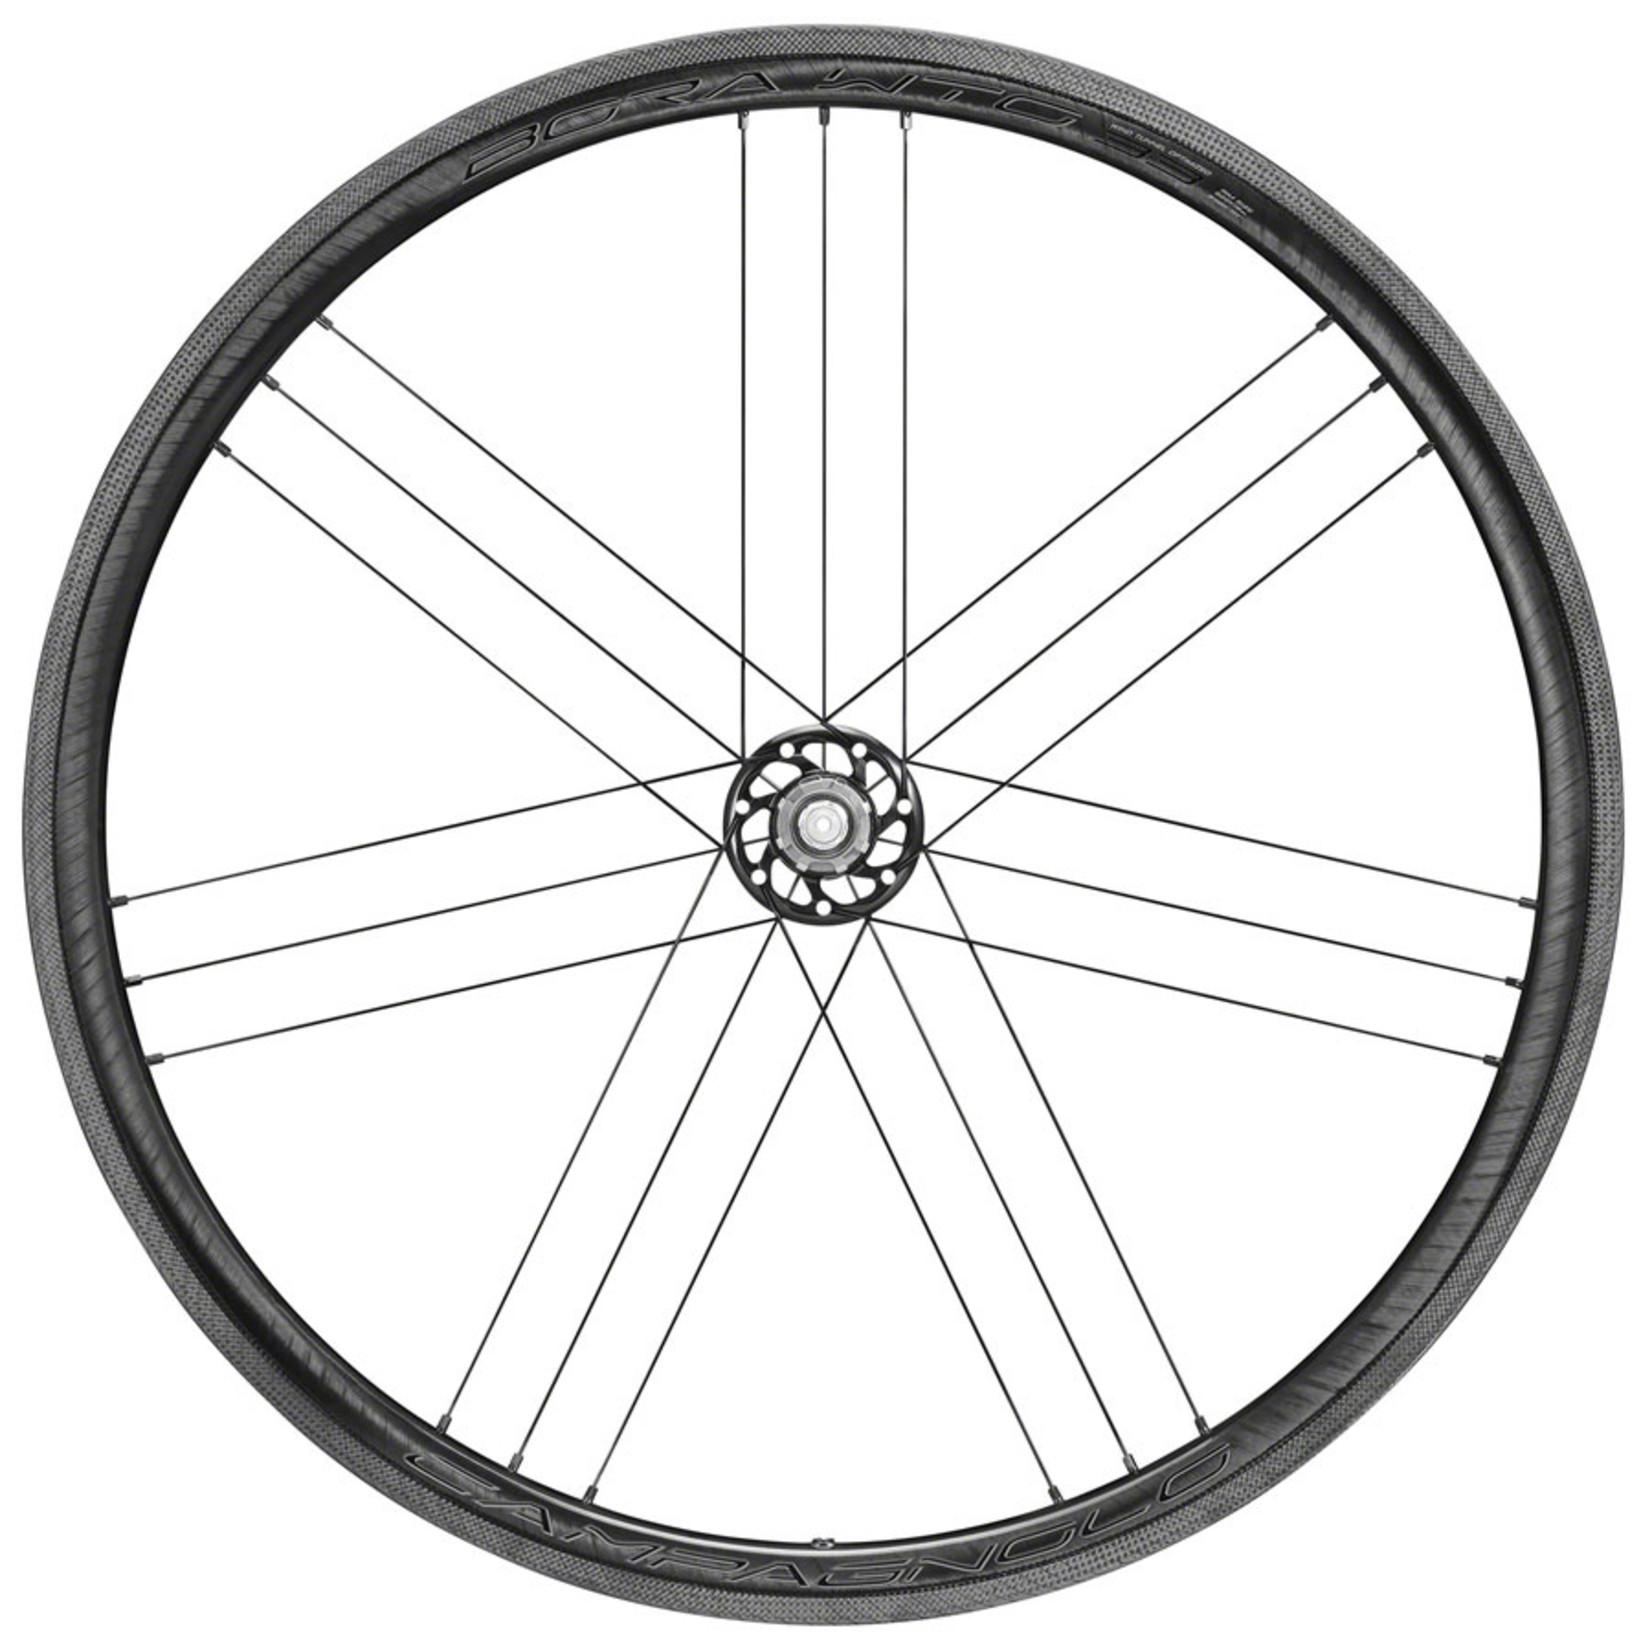 Campagnolo Campagnolo BORA WTO 33 Rear Wheel - 700, QR x 130mm, Rim Brake, 2-Way Fit, Dark Label